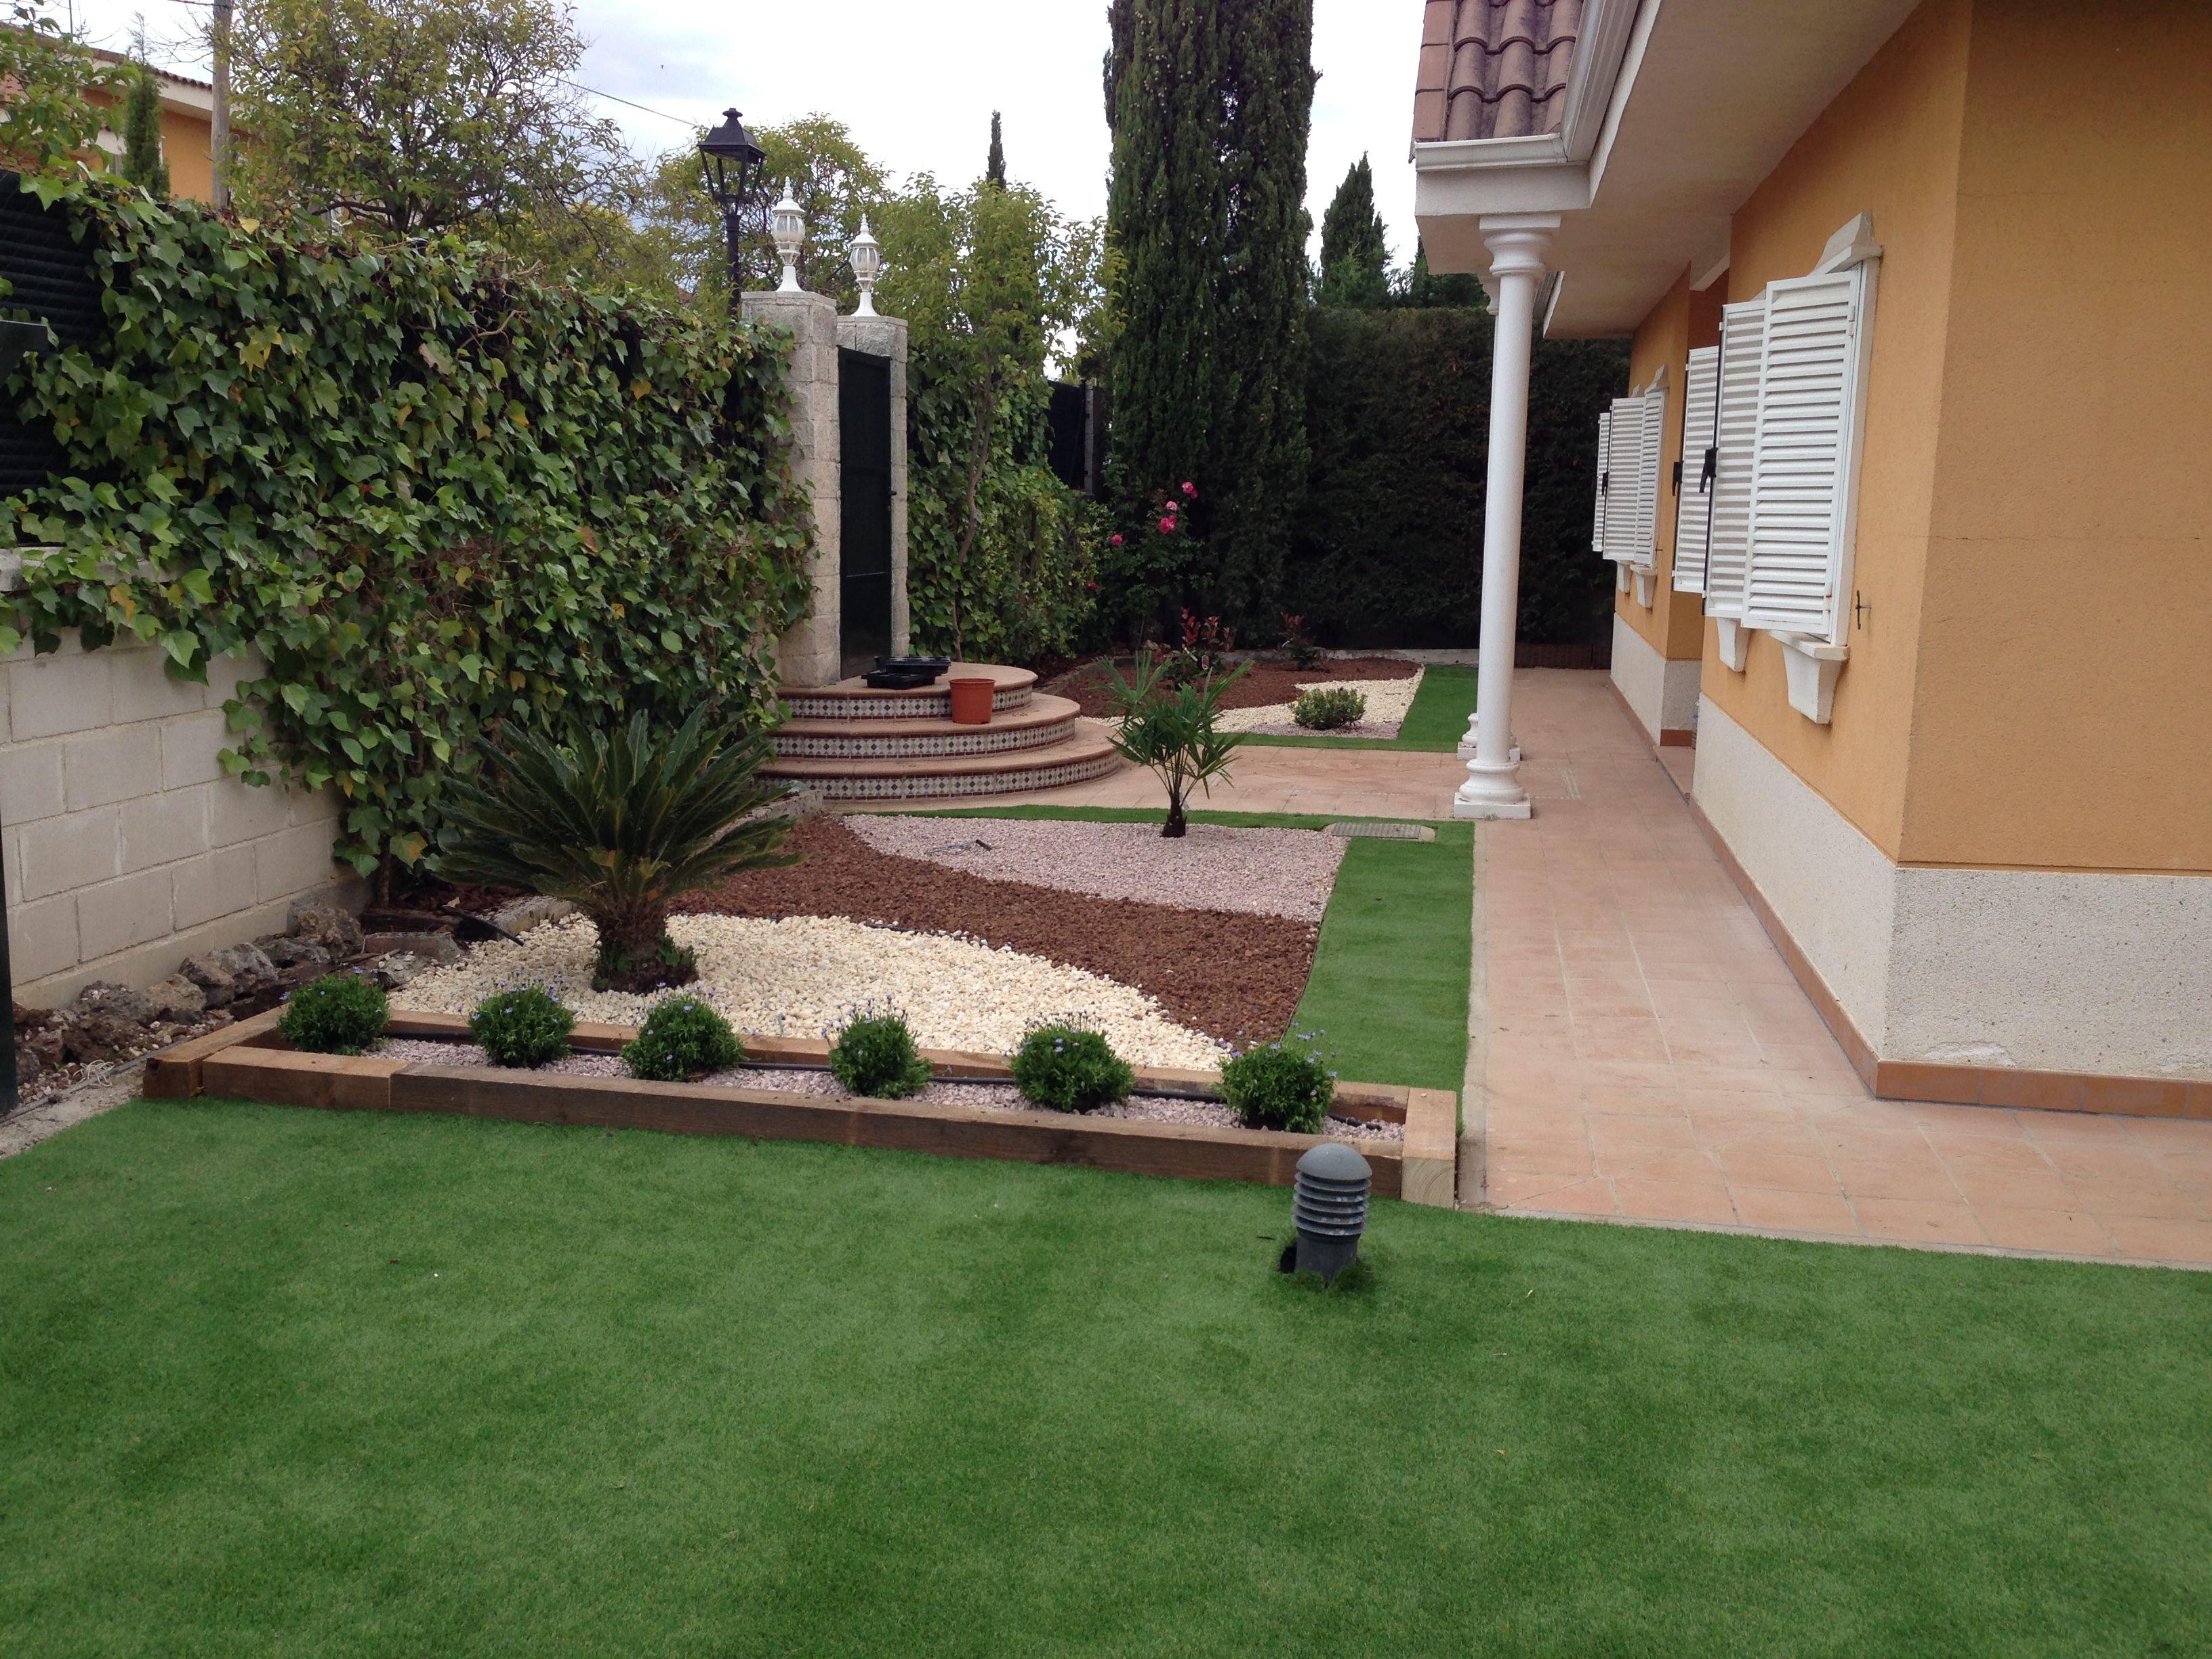 estupendo jardin sostenible y ejemplar que combina c sped